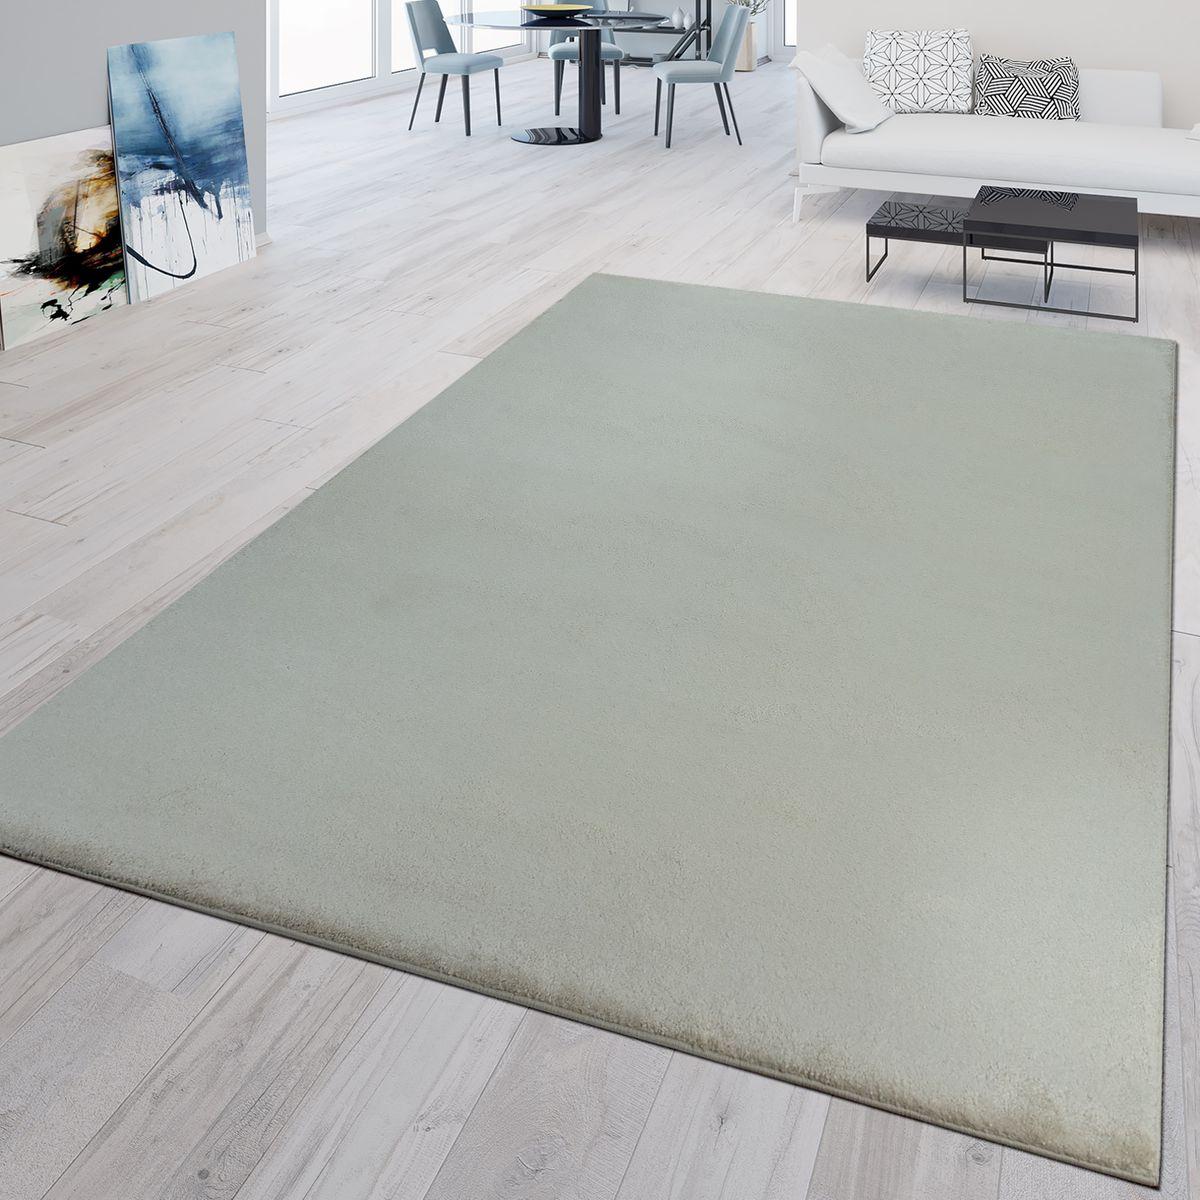 Full Size of Teppich Waschbar Kurzflor Uni Creme Teppichmax Schlafzimmer Küche Wohnzimmer Teppiche Steinteppich Bad Badezimmer Für Esstisch Wohnzimmer Teppich Waschbar